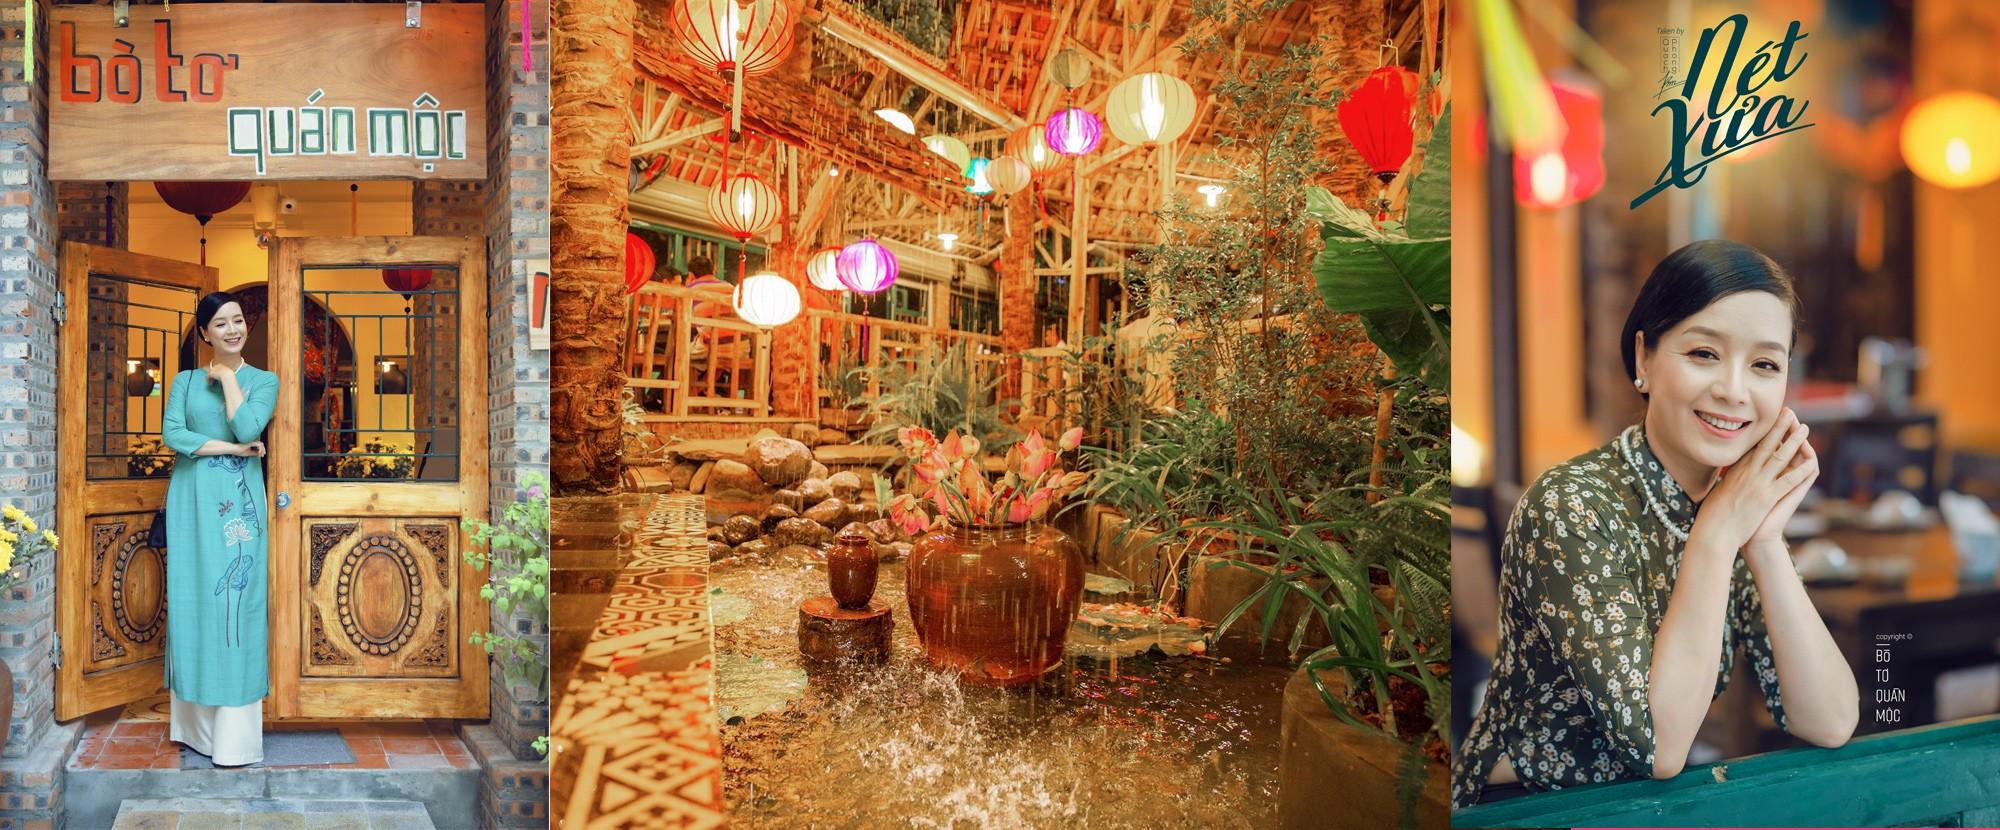 Đi tìm quán ăn vẫn giữ được cả một trời thương nhớ về Hà Nội xưa cũ - Ảnh 12.